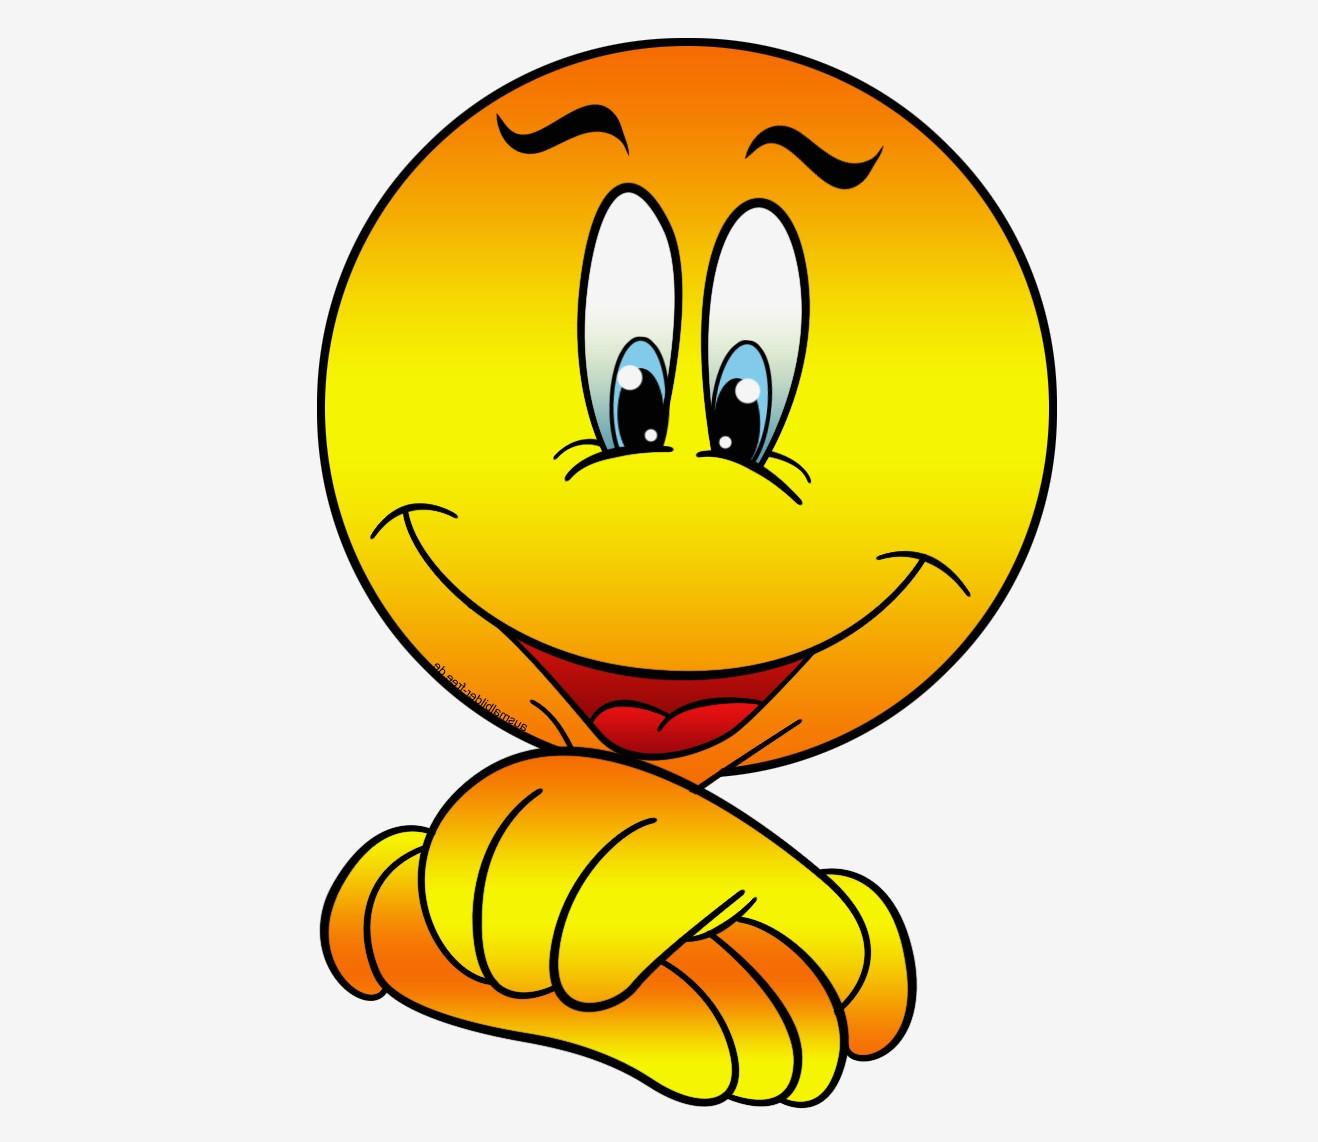 Smileys Zum Ausmalen Genial 37 Beste Von Ausmalbilder Emoji – Große Coloring Page Sammlung Galerie